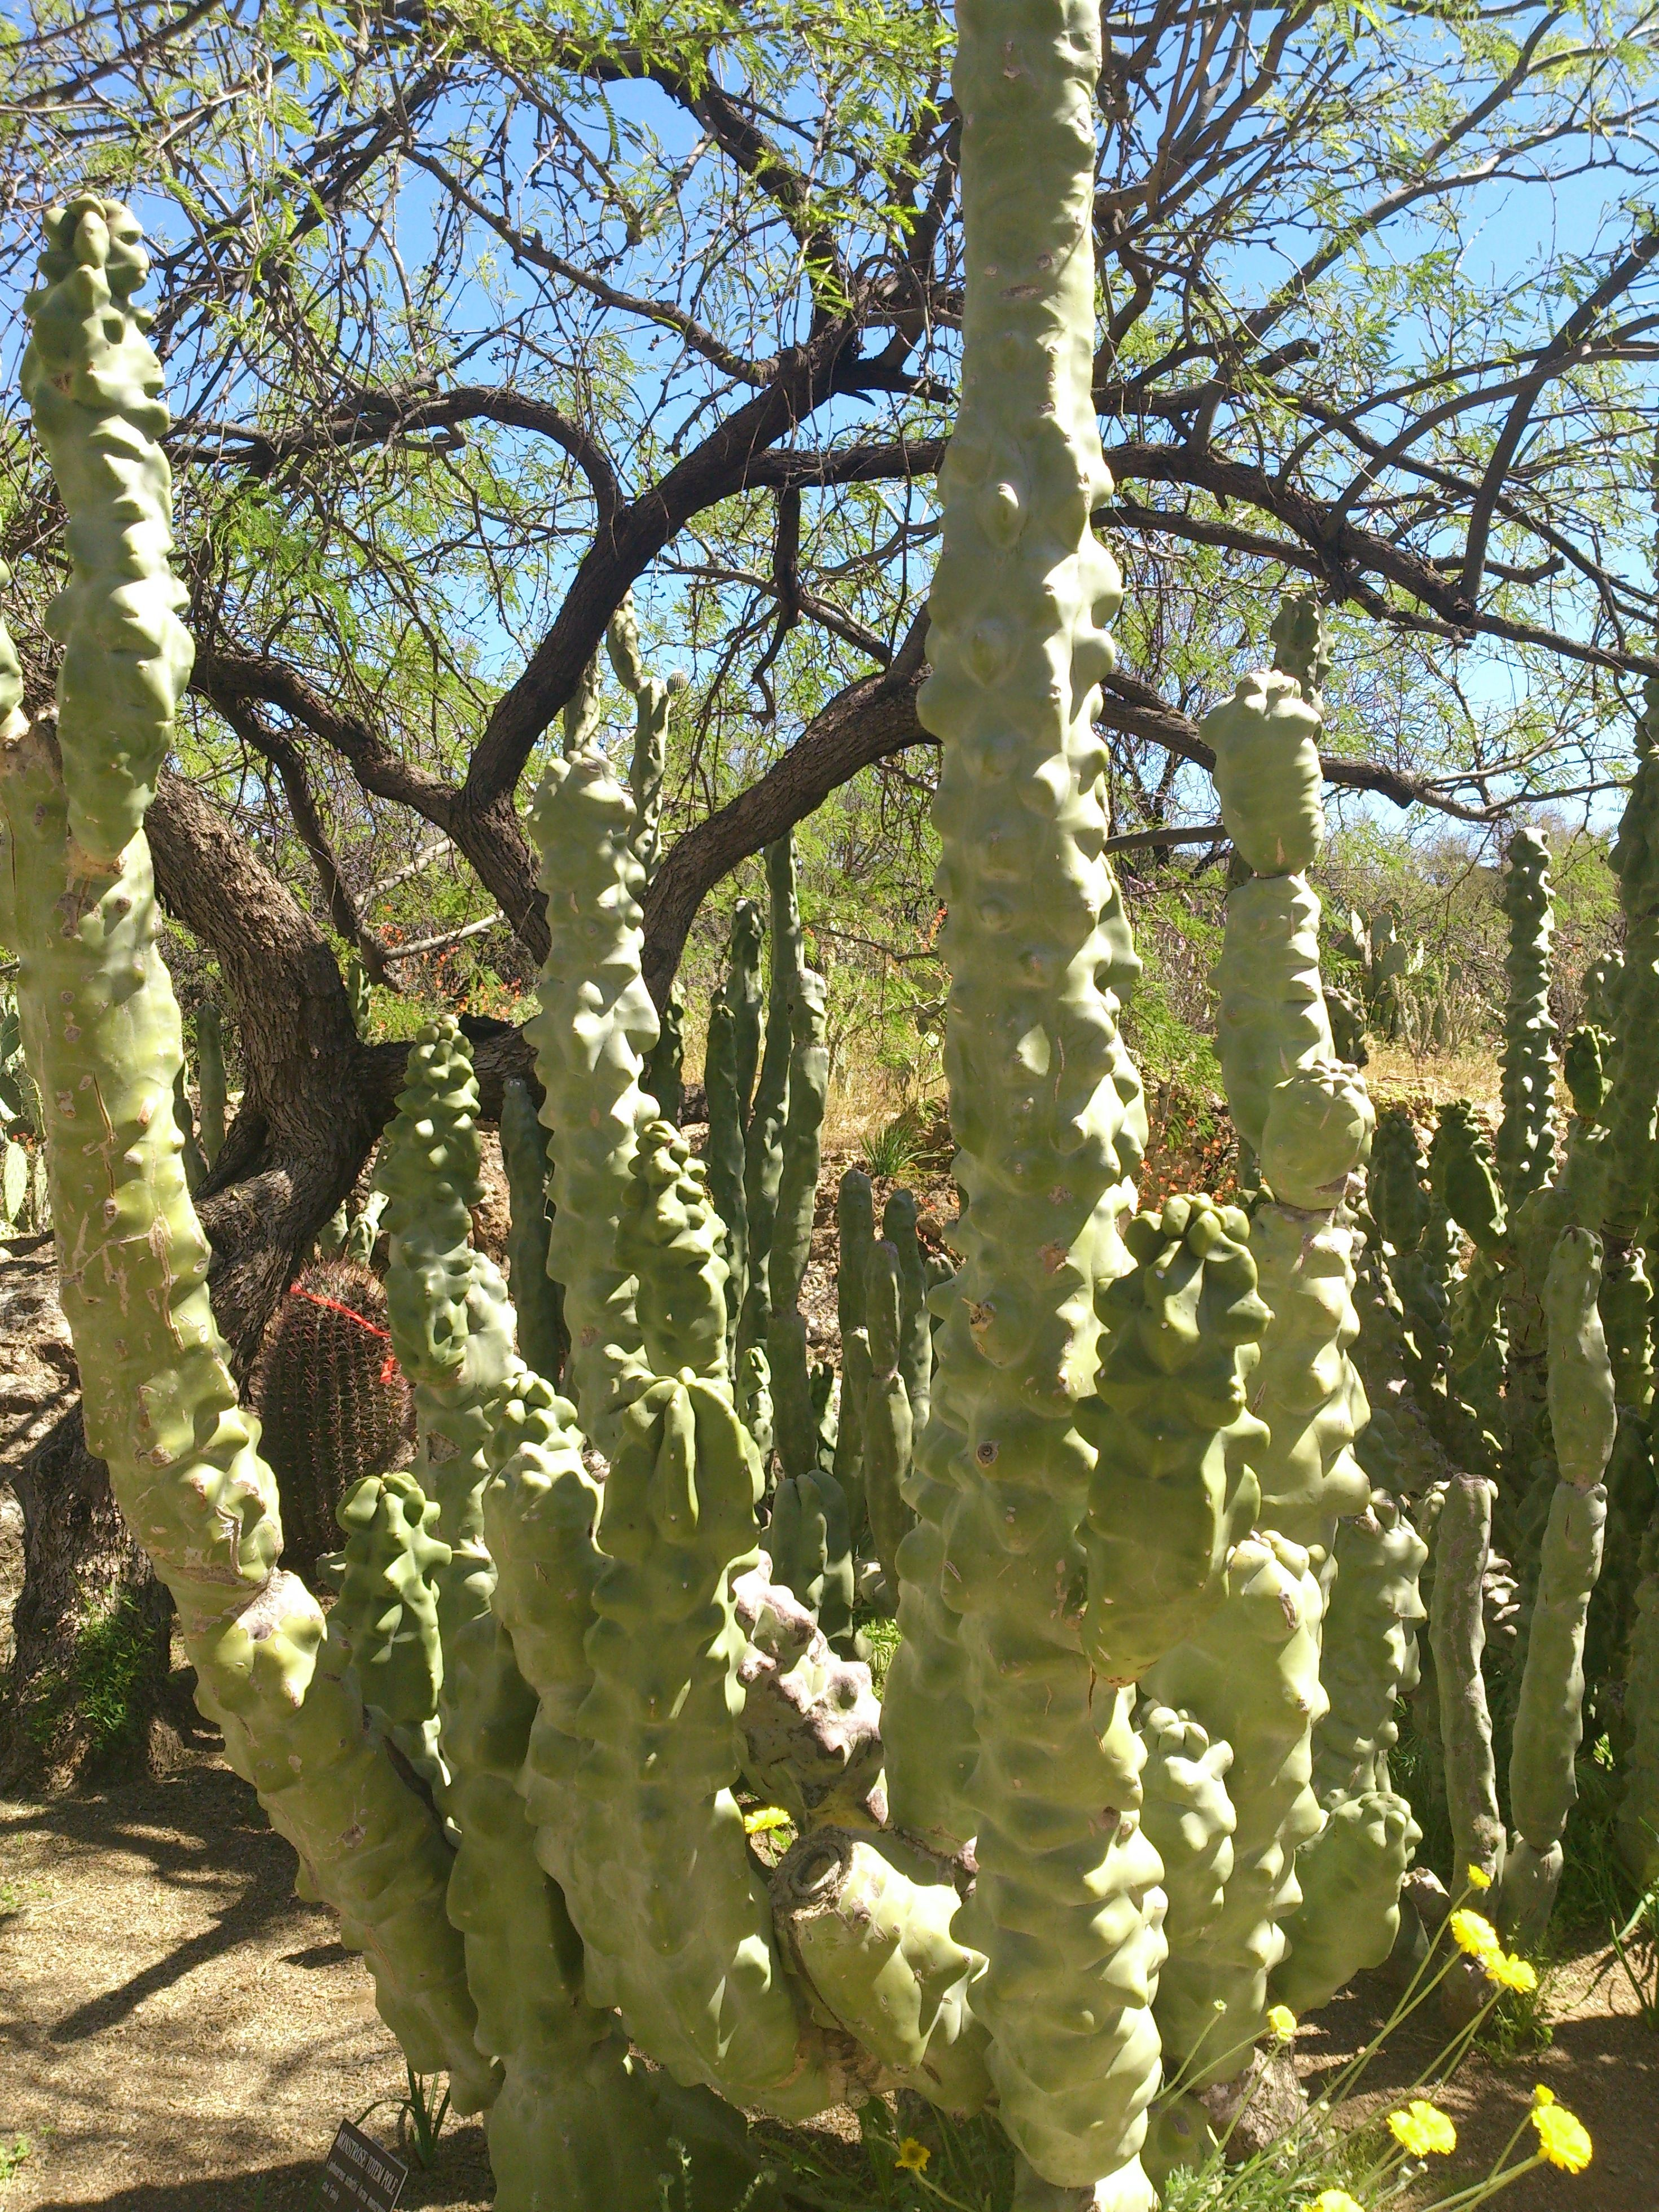 Totem pole cactus looks like its melting